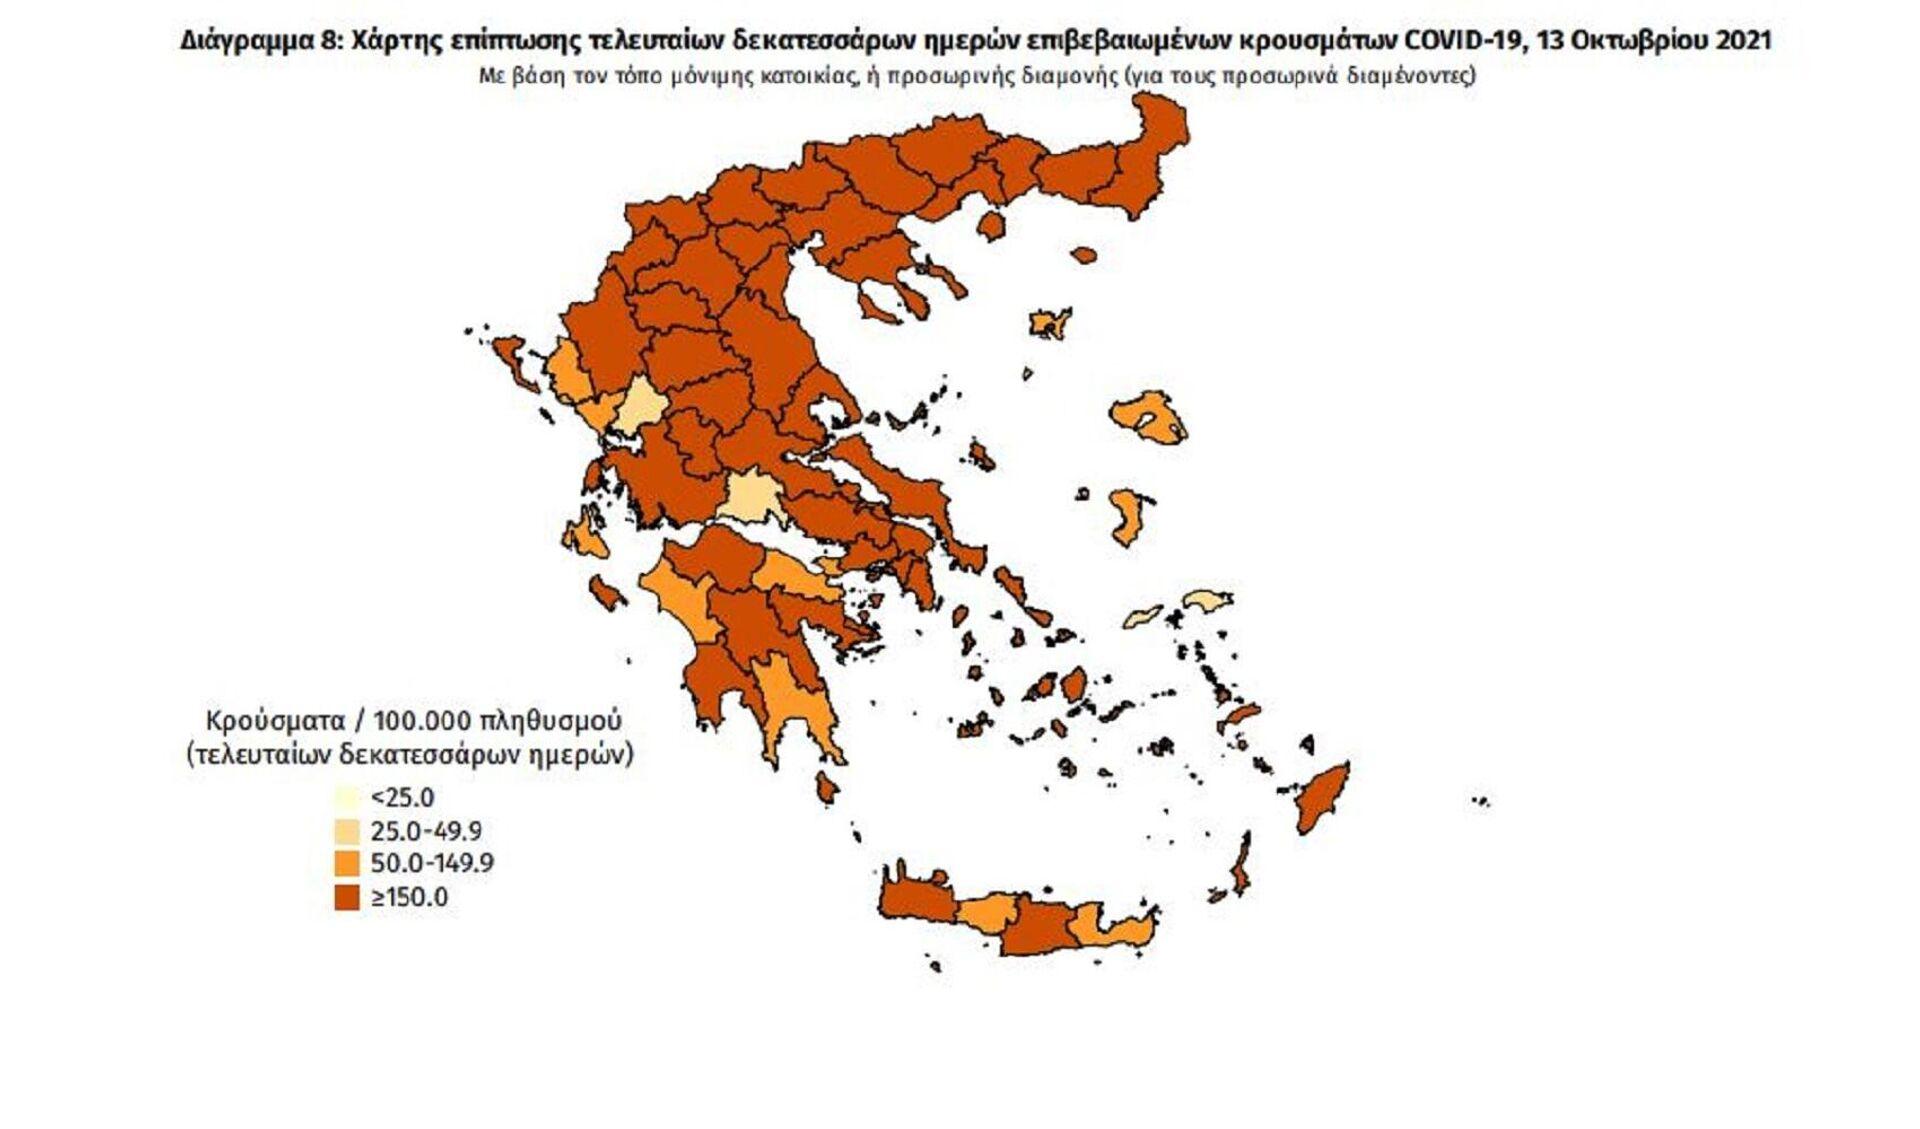 Χάρτης επίπτωσης τελευταίων δεκατεσσάρων ημερών επιβεβαιωμένων κρουσμάτων COVID-19, 13 Οκτωβρίου 2021 - Sputnik Ελλάδα, 1920, 13.10.2021